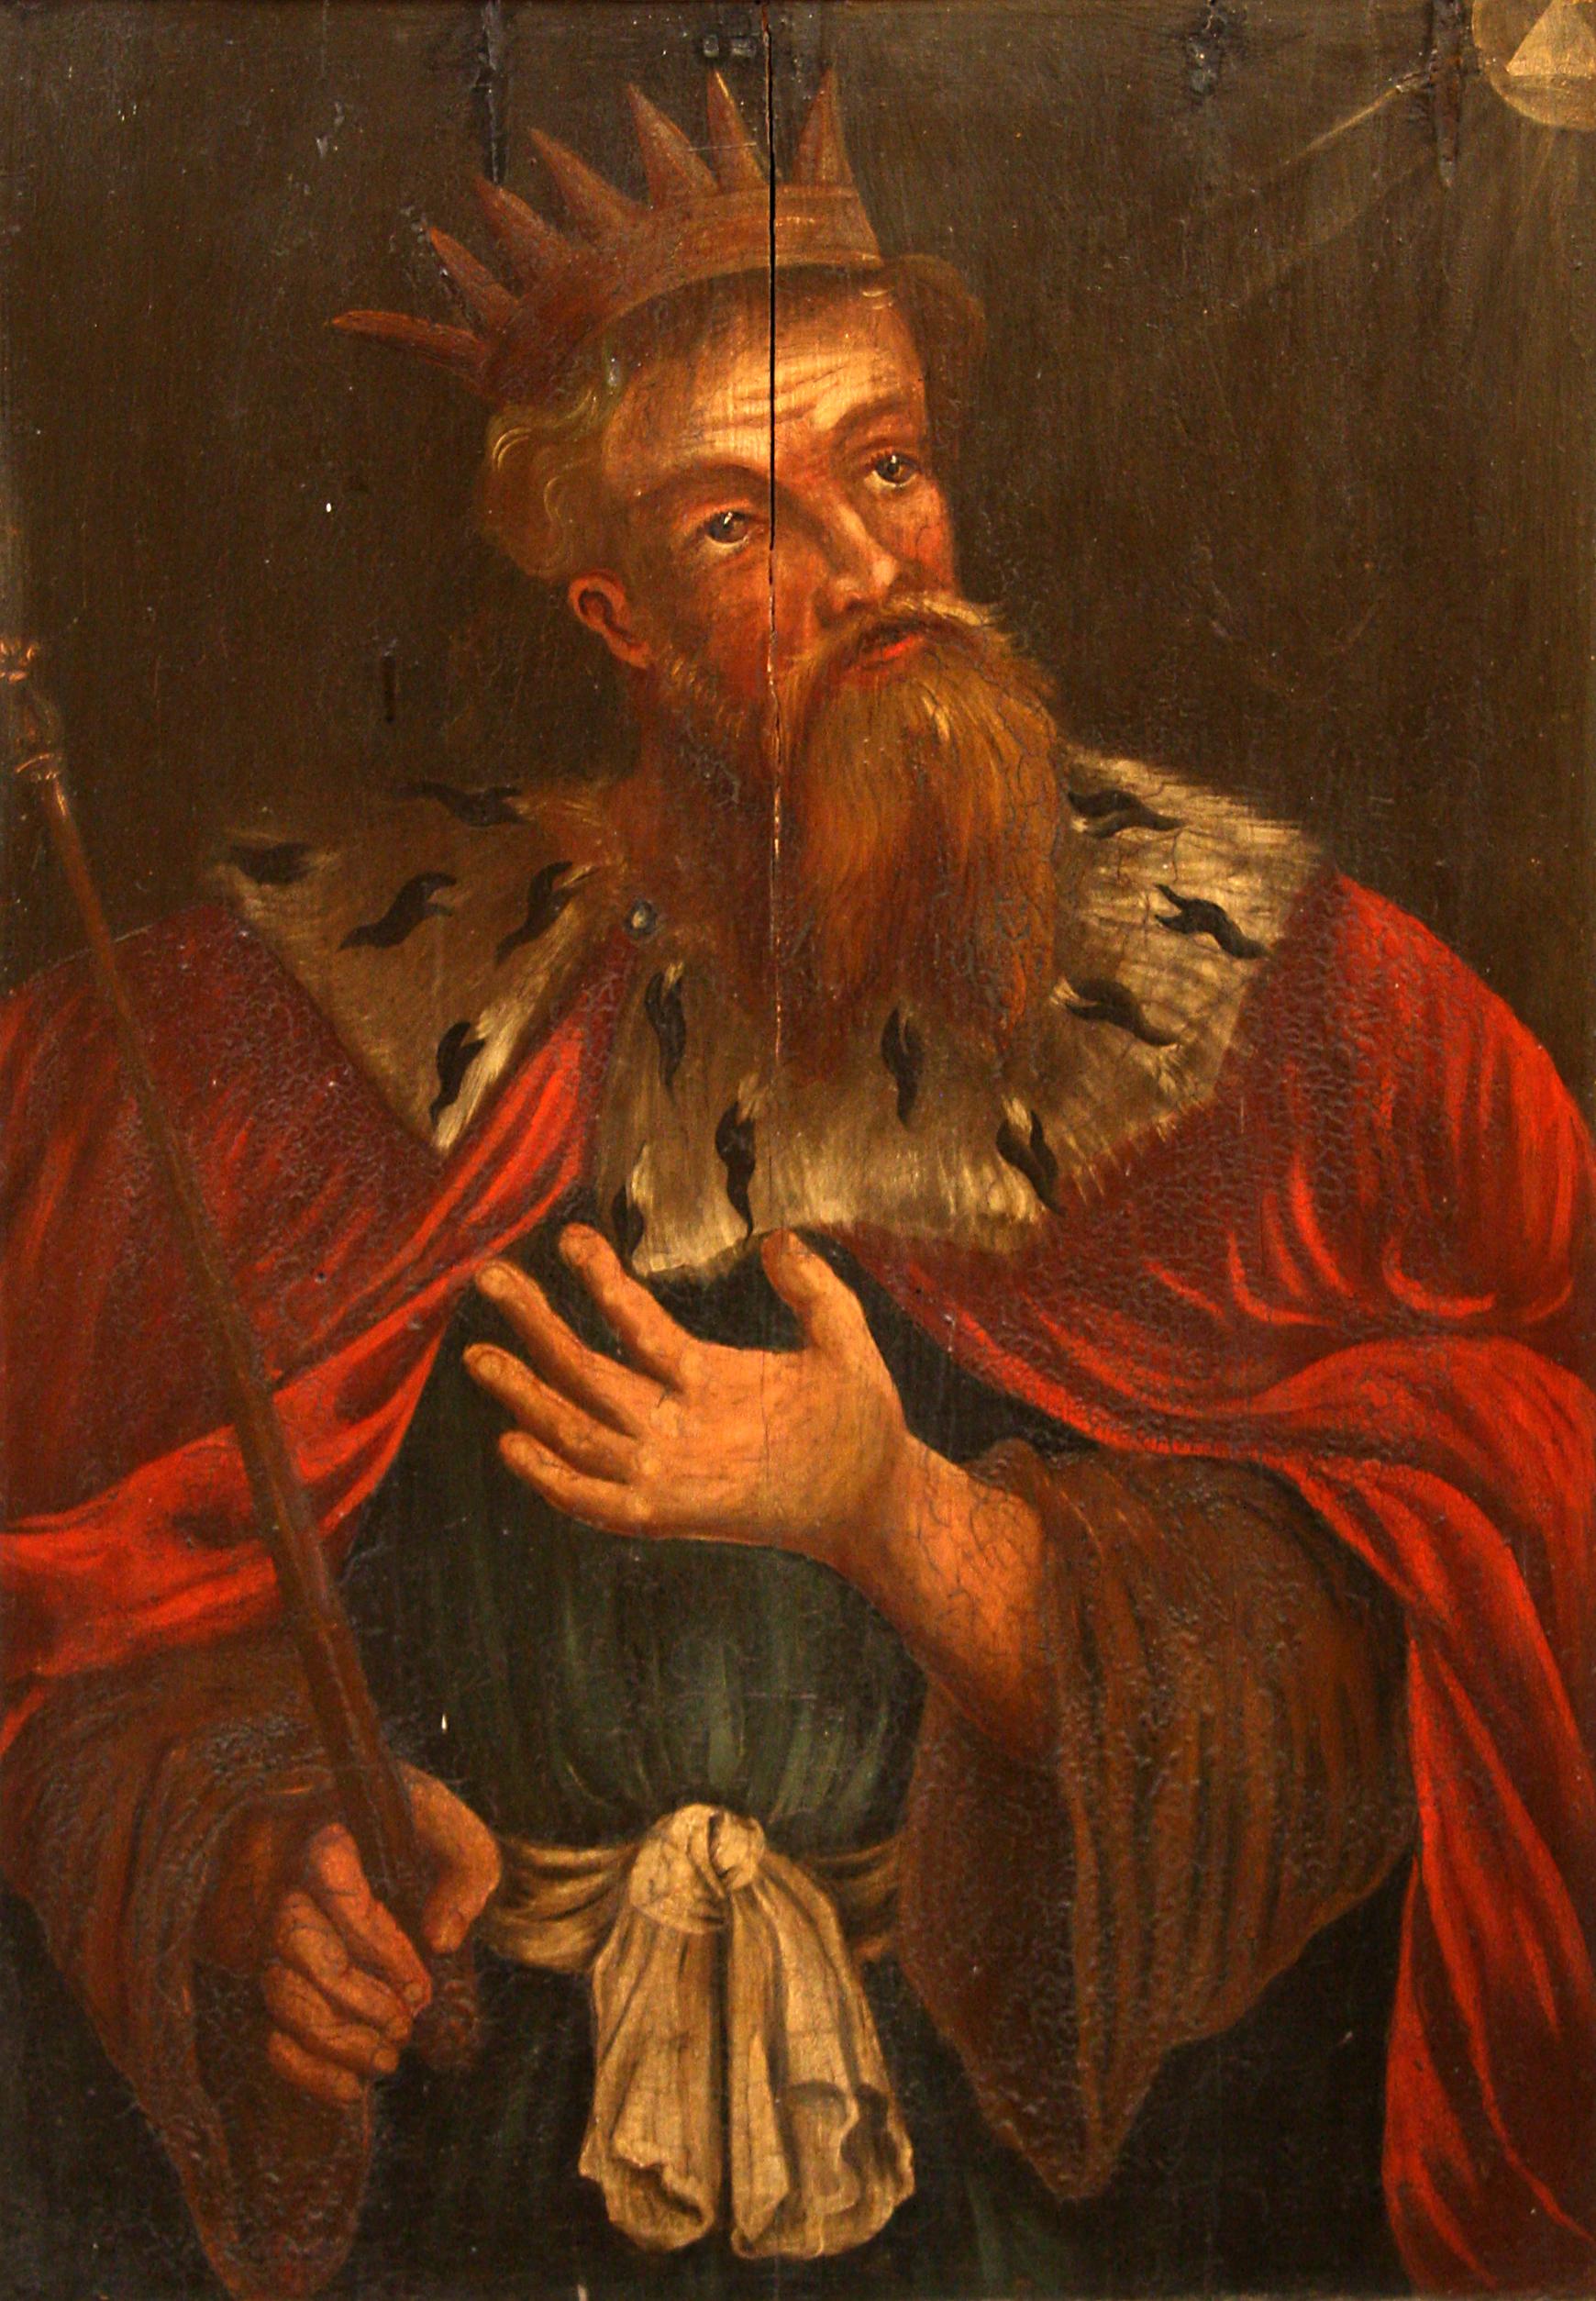 Unknown 17th century artist, King Hezekiah